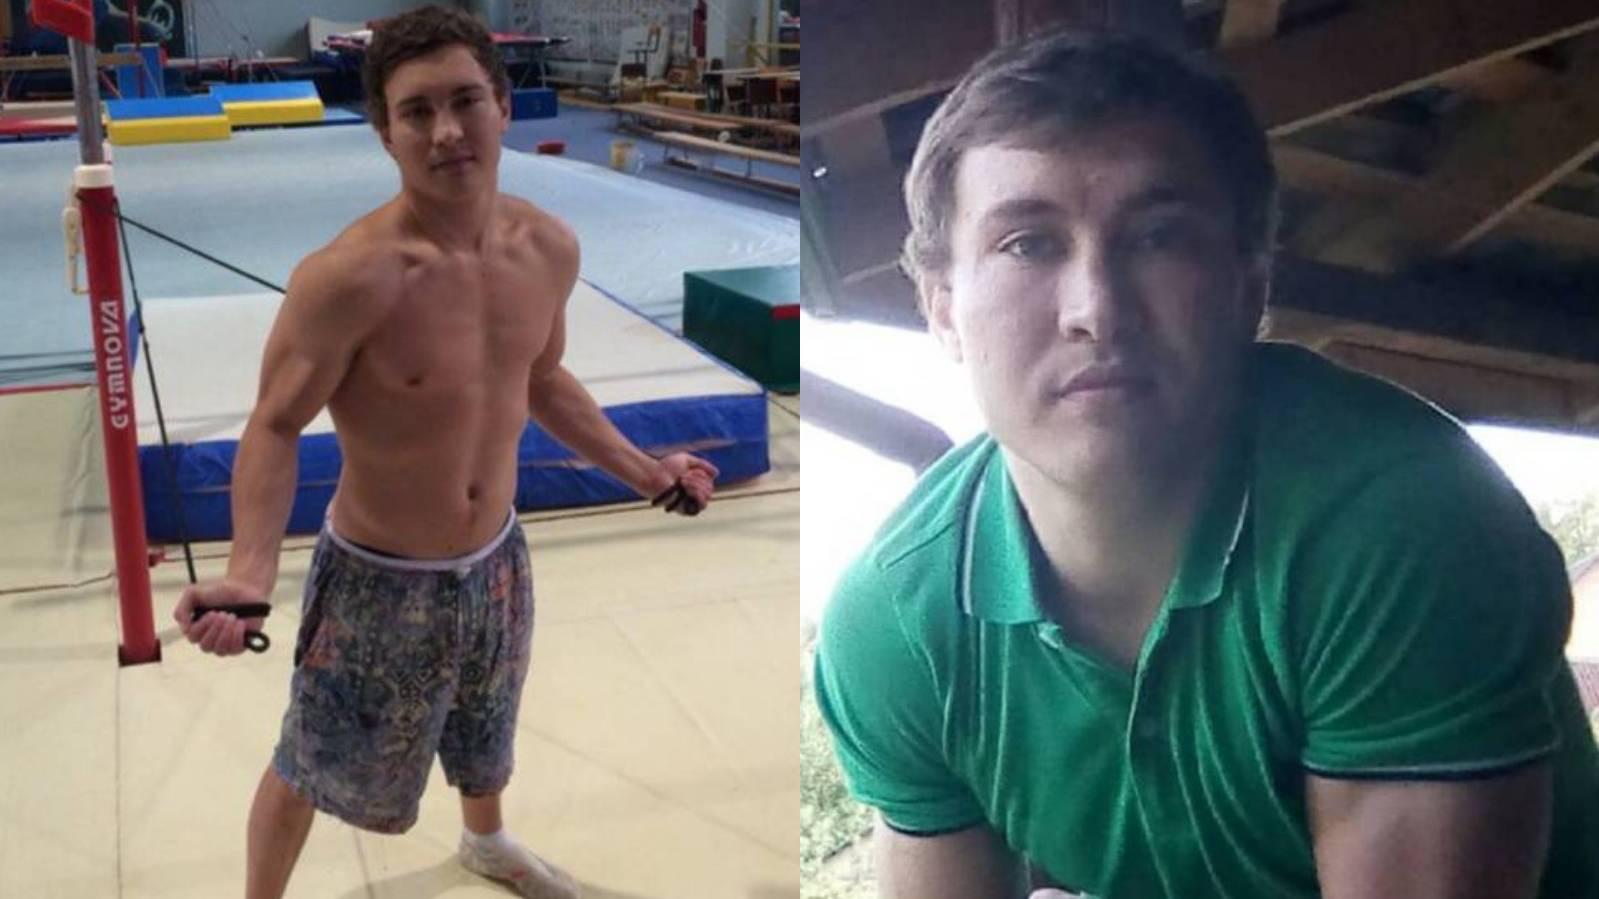 В Екатеринбурге отец зарезал сына-гимнаста на глазах у матери, разозлившись из-за его работы в цирке